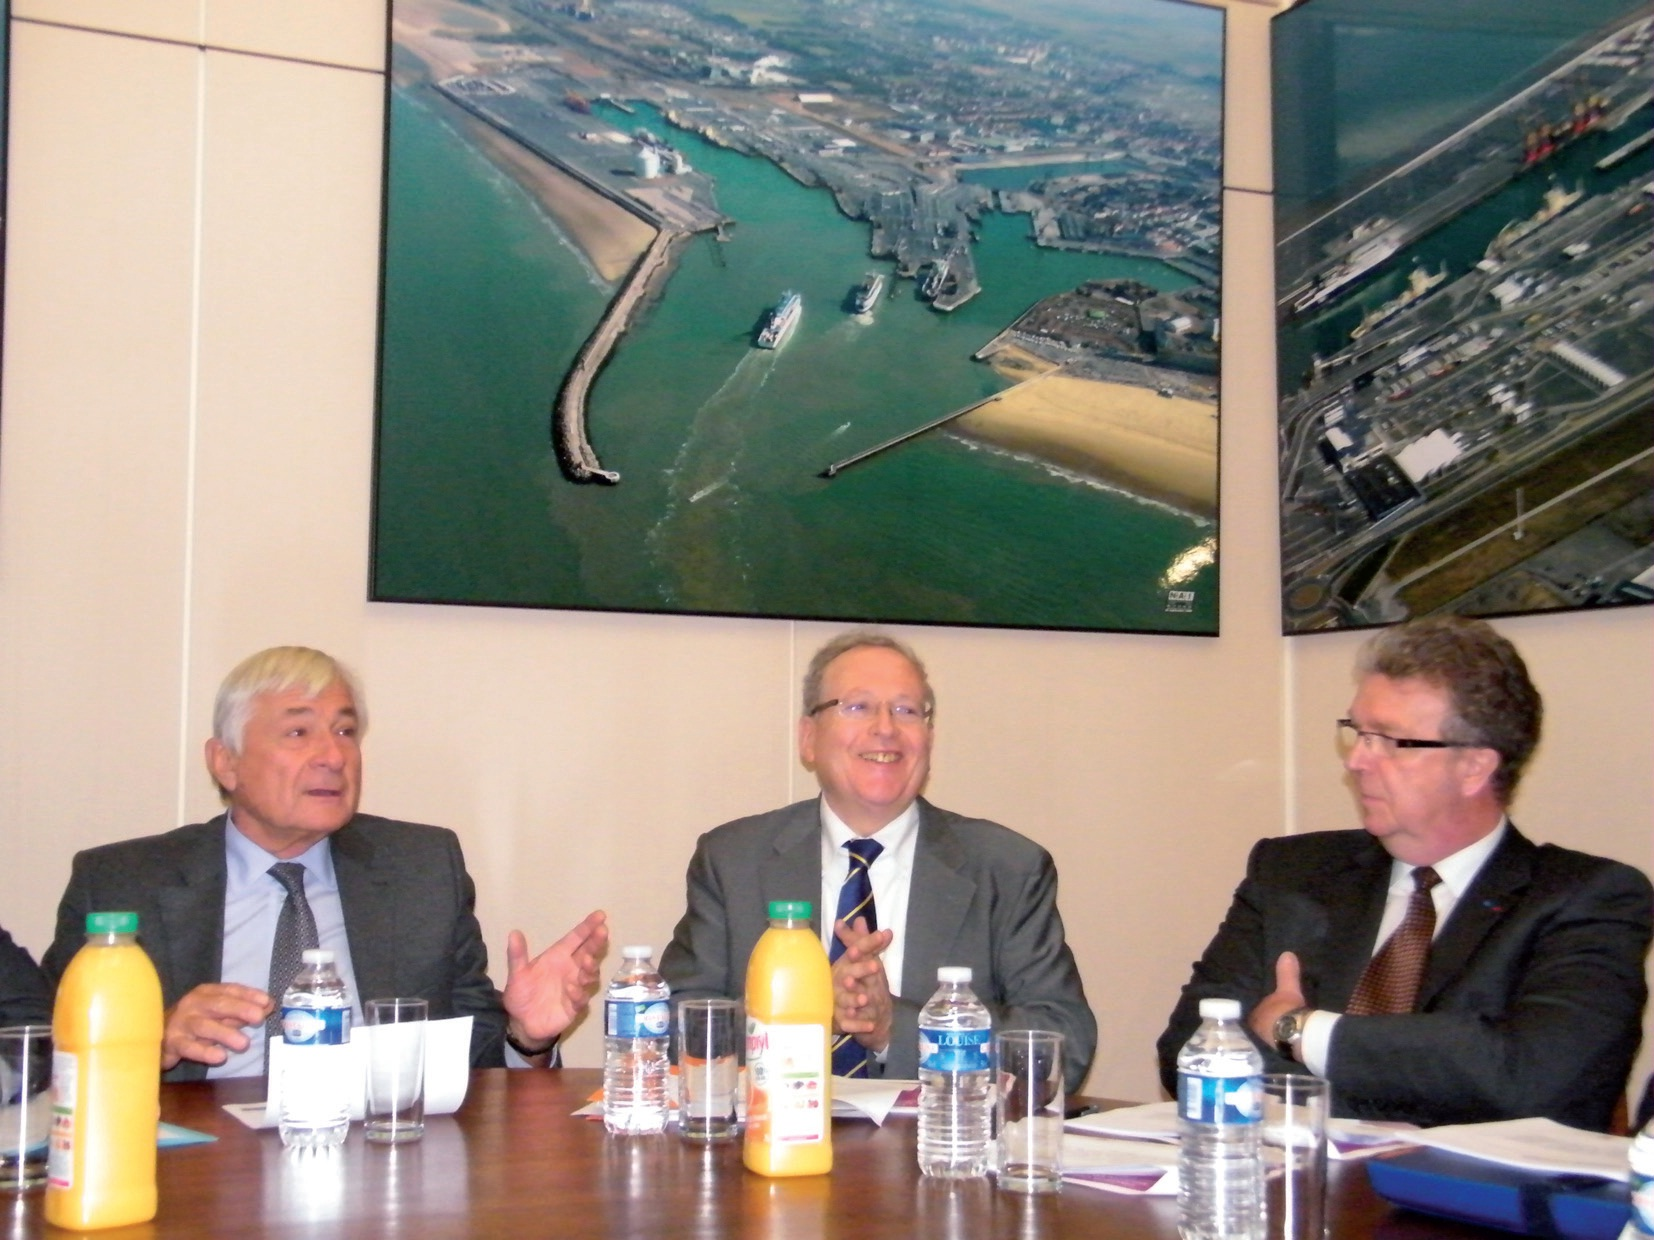 Jean-Marc Puissesseau, président de la CCI Côte d'Opale, Marc Welcomme, DRH de Vivendi, et Jean-Marc Duvivier, dirigeant de Finorpa.